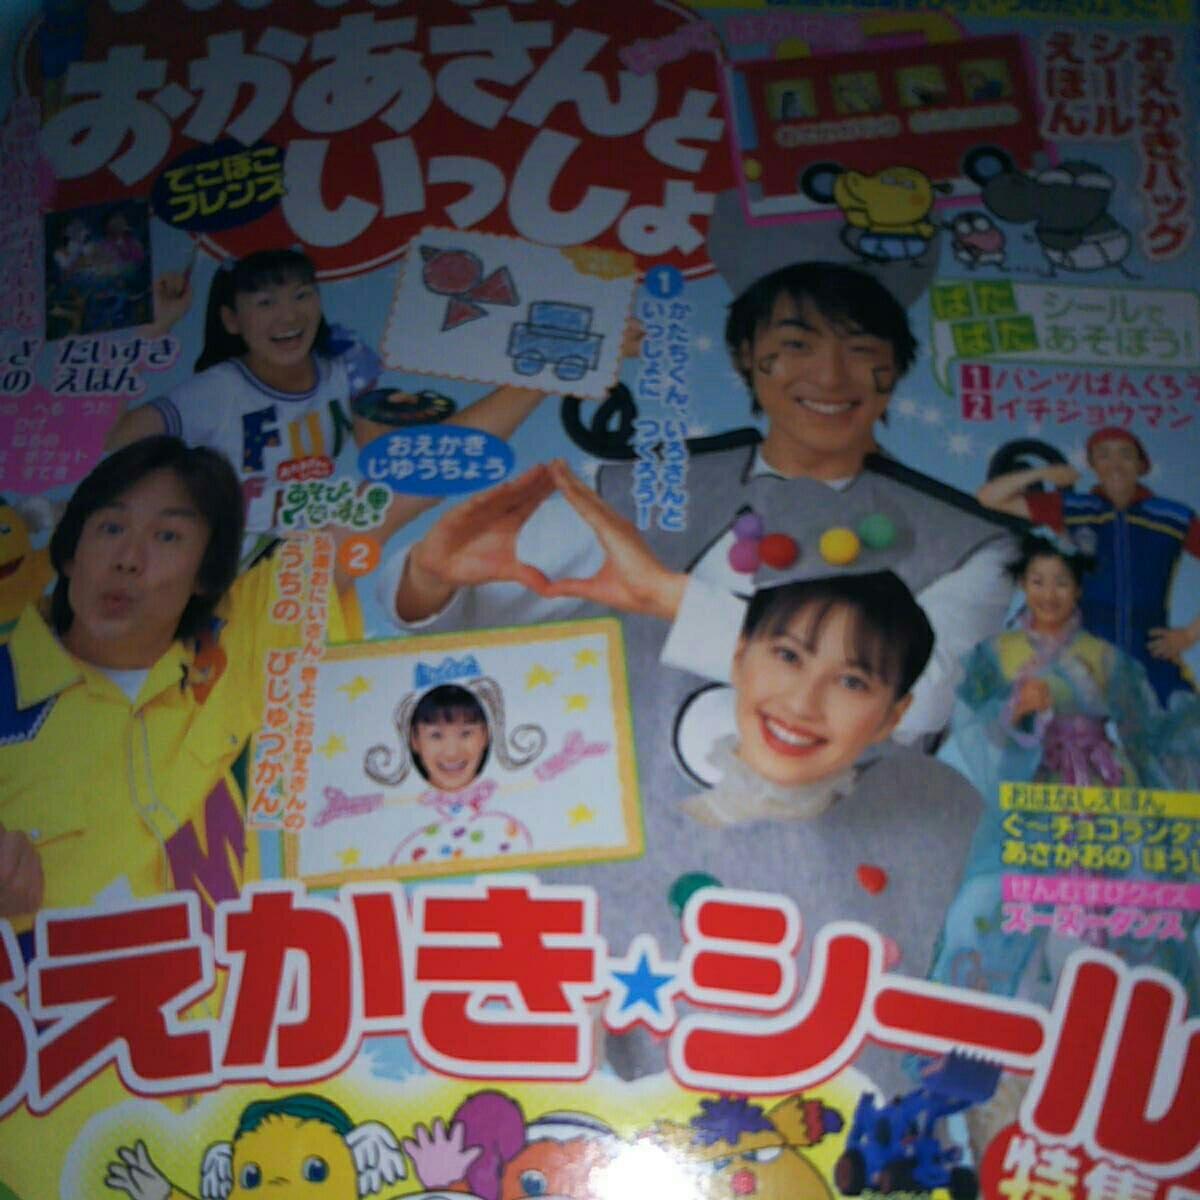 中古 雑誌nhkおかあさんといっしょ 2005年8月号 今井ゆうぞう